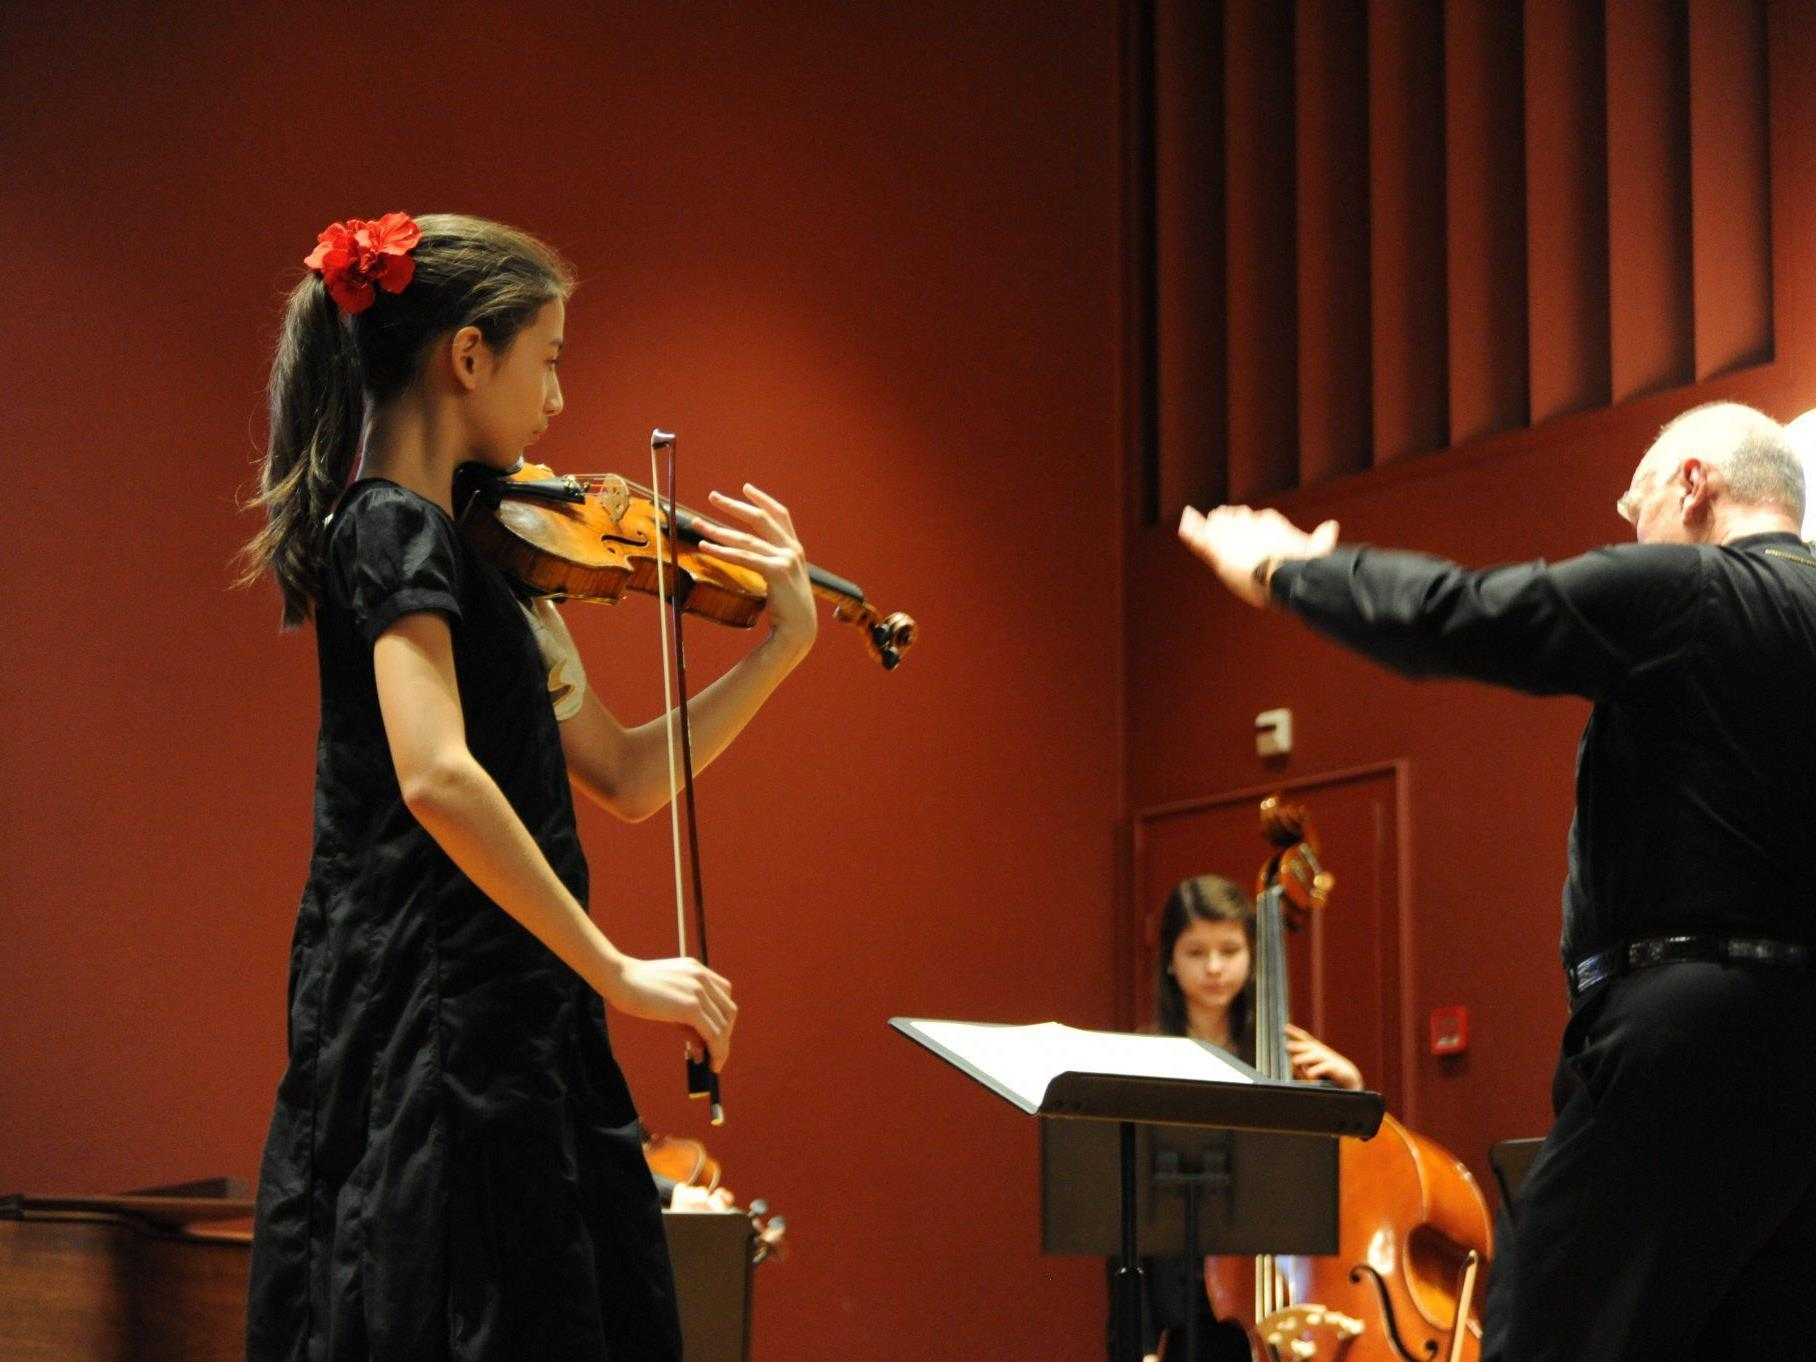 Die zwölfjährige Elisso Gogibedaschwili begeisterte das Publikum.